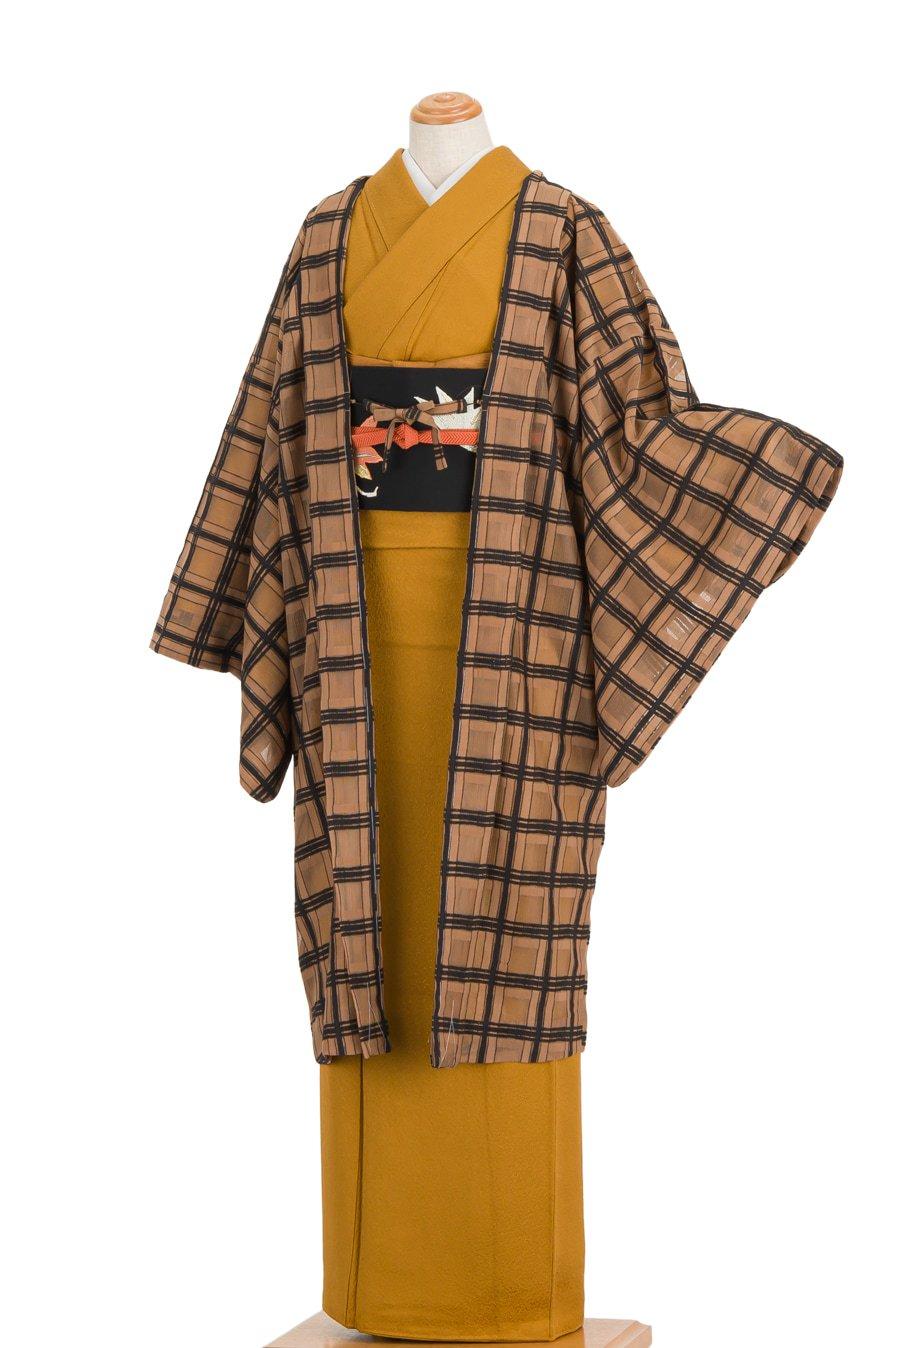 「長羽織 チョコレートブラウン スクエアレース」の商品画像